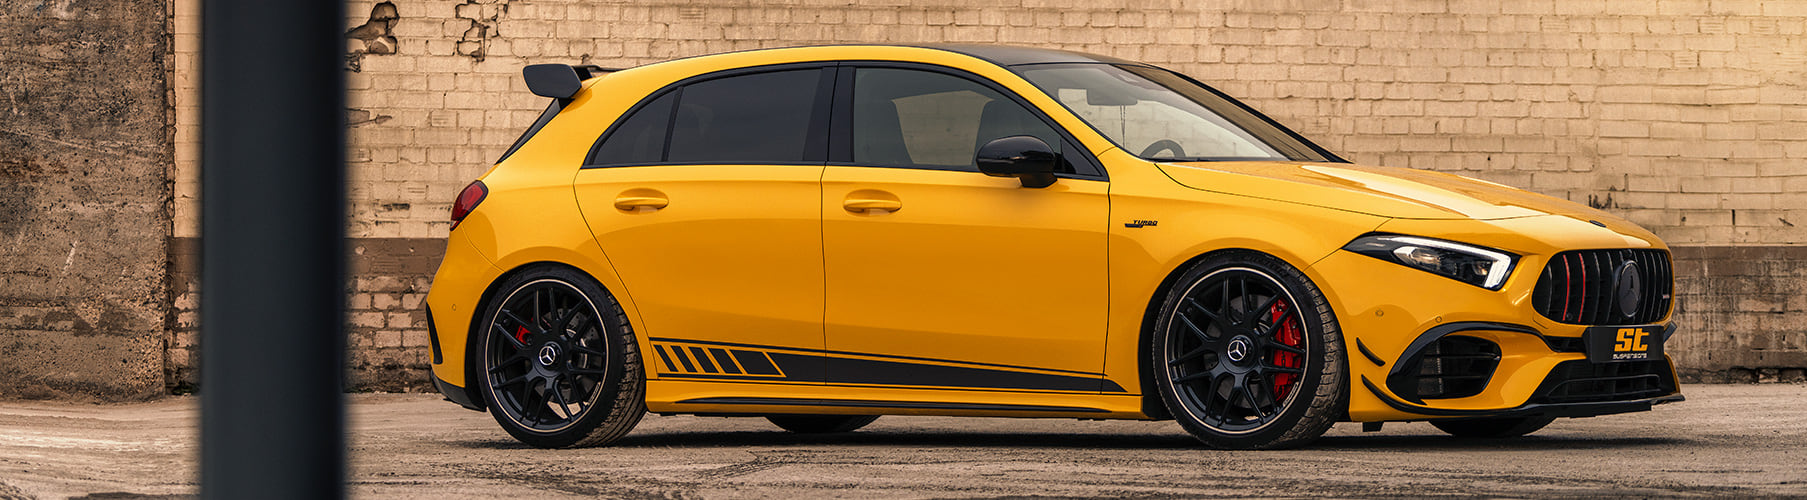 Für die drei Topmodelle Mercedes-AMG A 35 4MATIC, Mercedes-AMG A 45 4MATIC+ und Mercedes-AMG A 45 S 4MATIC+ ist ab sofort das neue 3-fach leistungseinstellbare ST XTA plus 3 Gewindefahrwerk erhältlich.